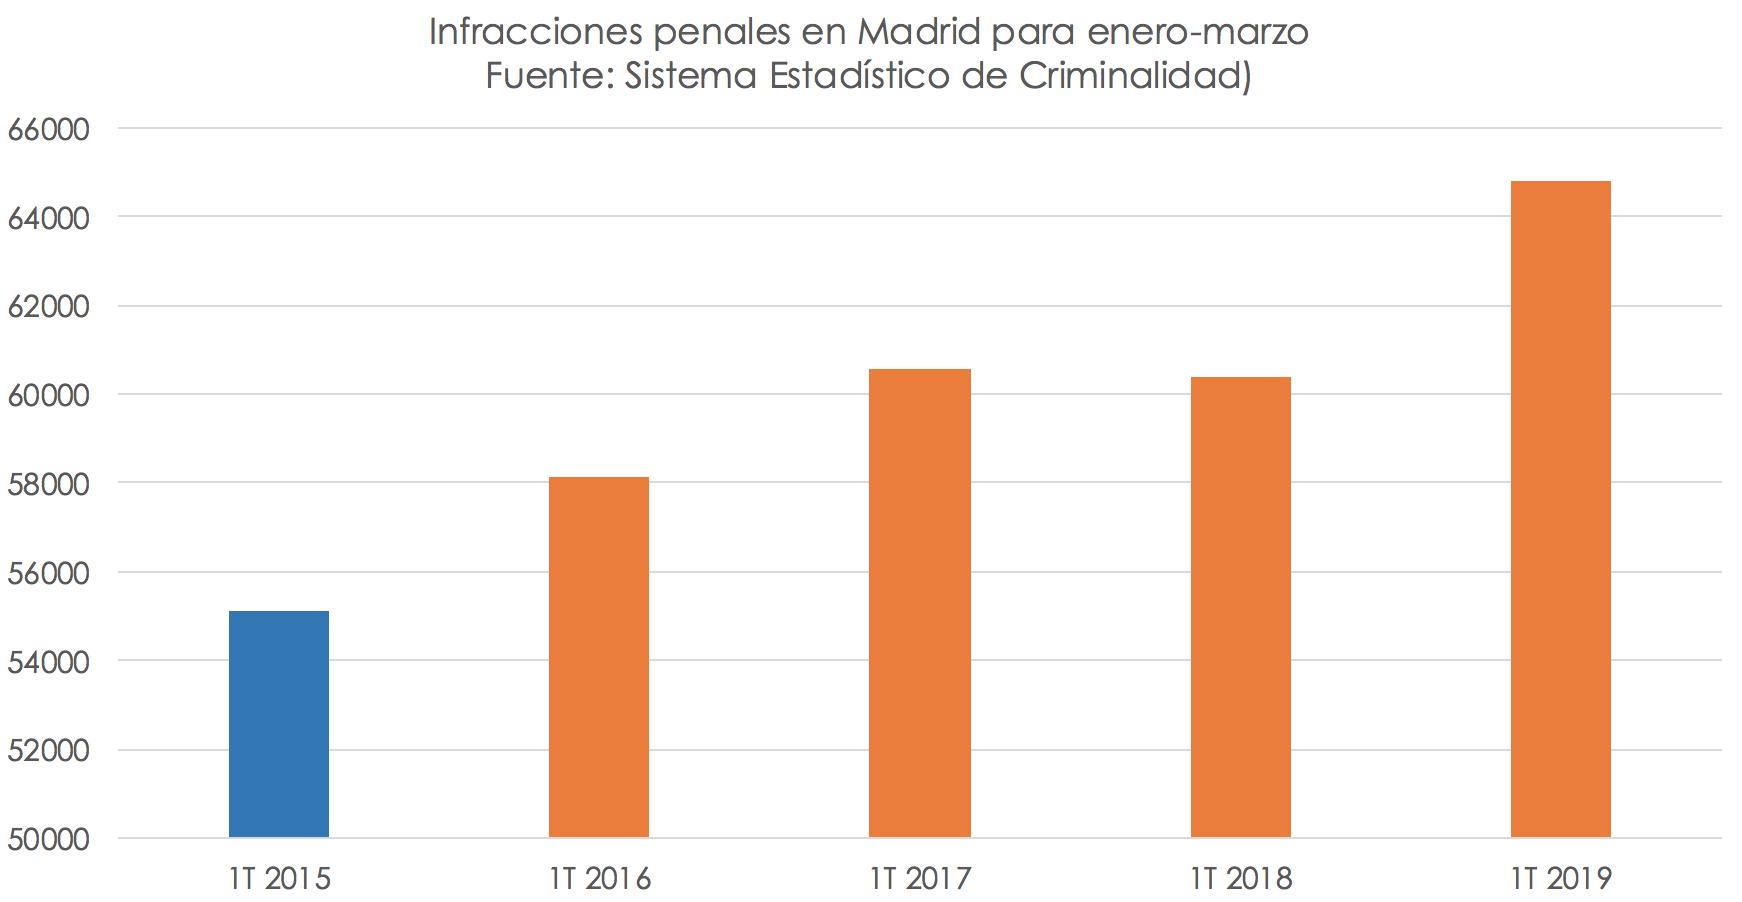 infracciones-penales-madrid-delincuencia